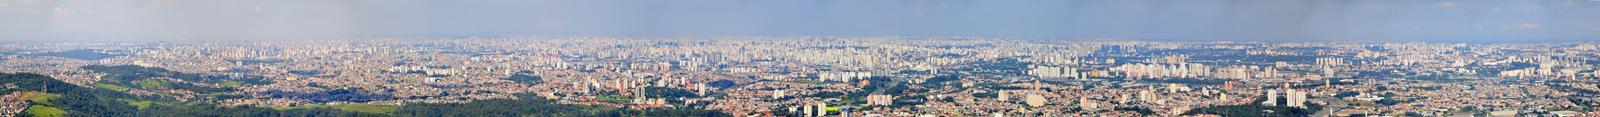 pano São Paulo do Pico do Jaguará 2-1600px